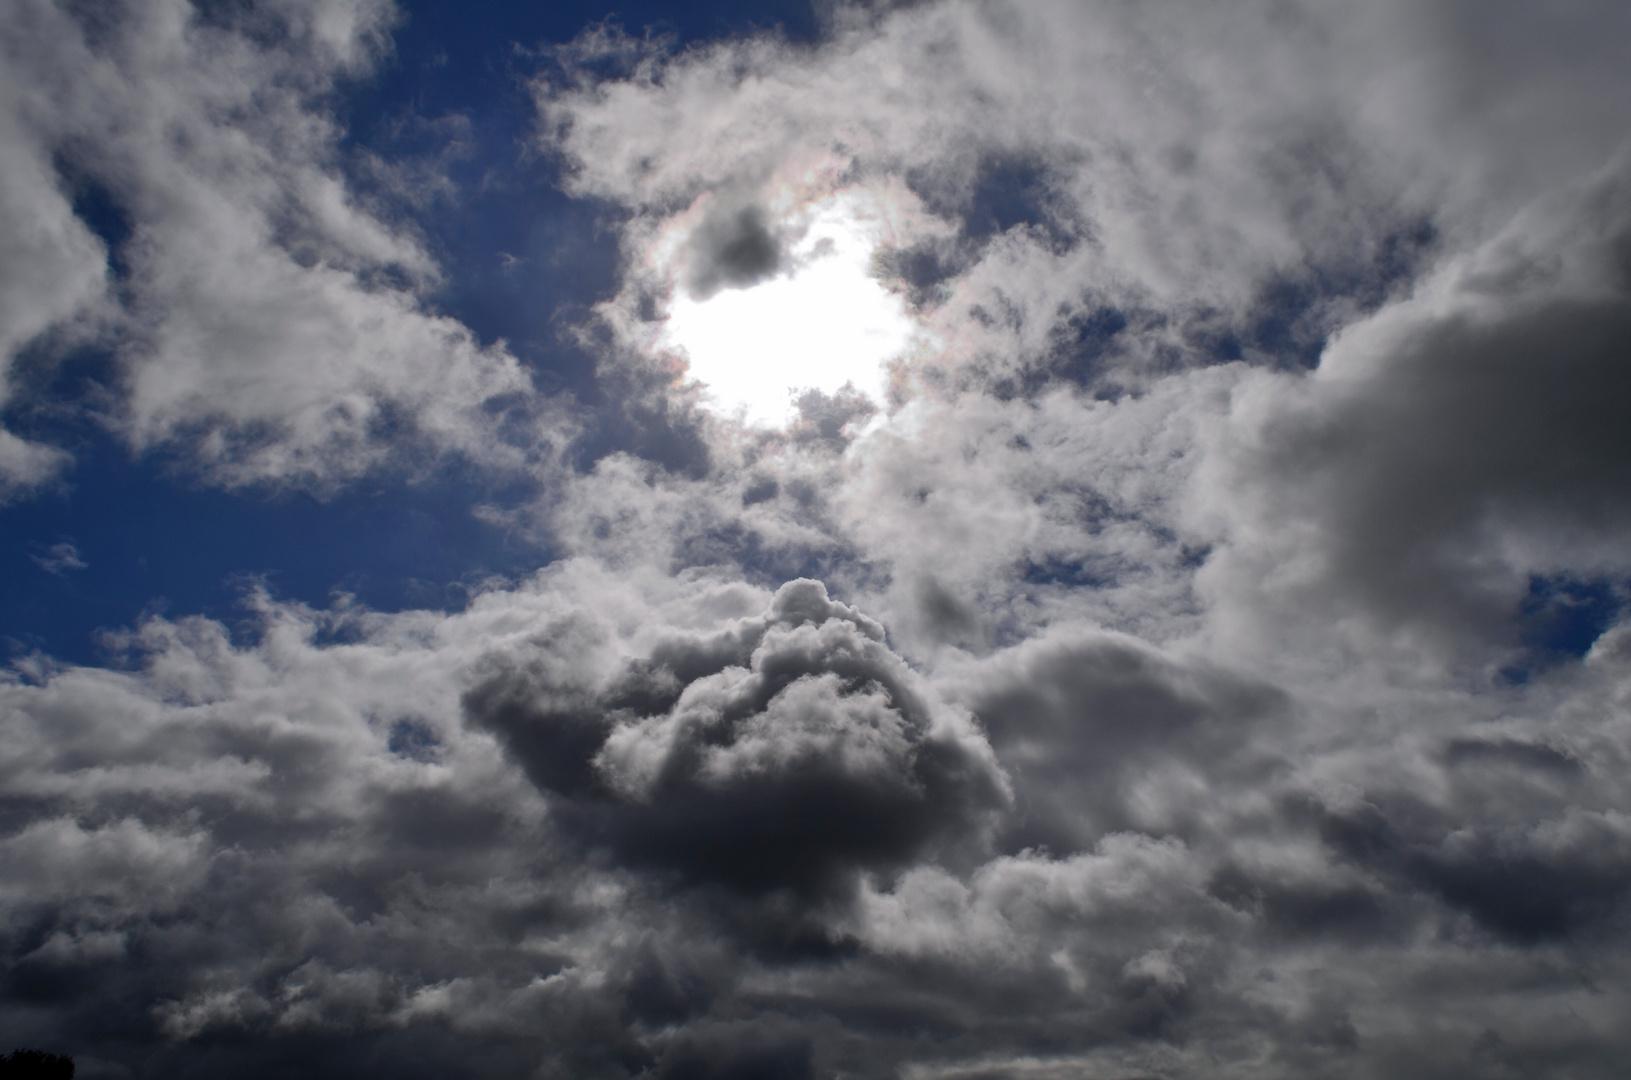 Die Wolke wie ein Gesicht das zur Sonne aufschaut...